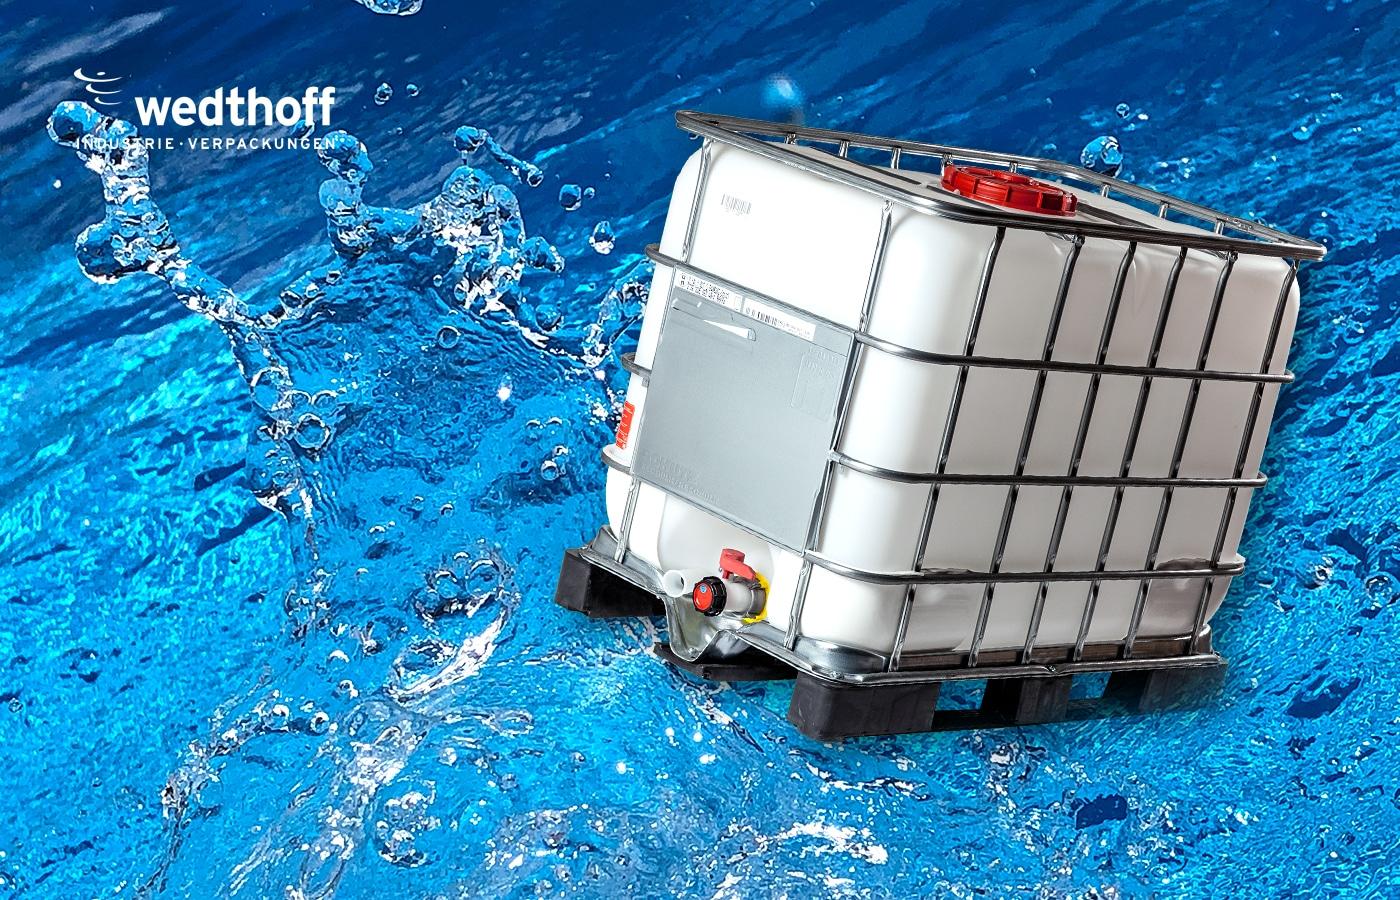 IBC-Container. Wertstoff-behälter für die Zukunft kaufen. Unterschiedliche Größen. WEDTHOFF Industrieverpackungen